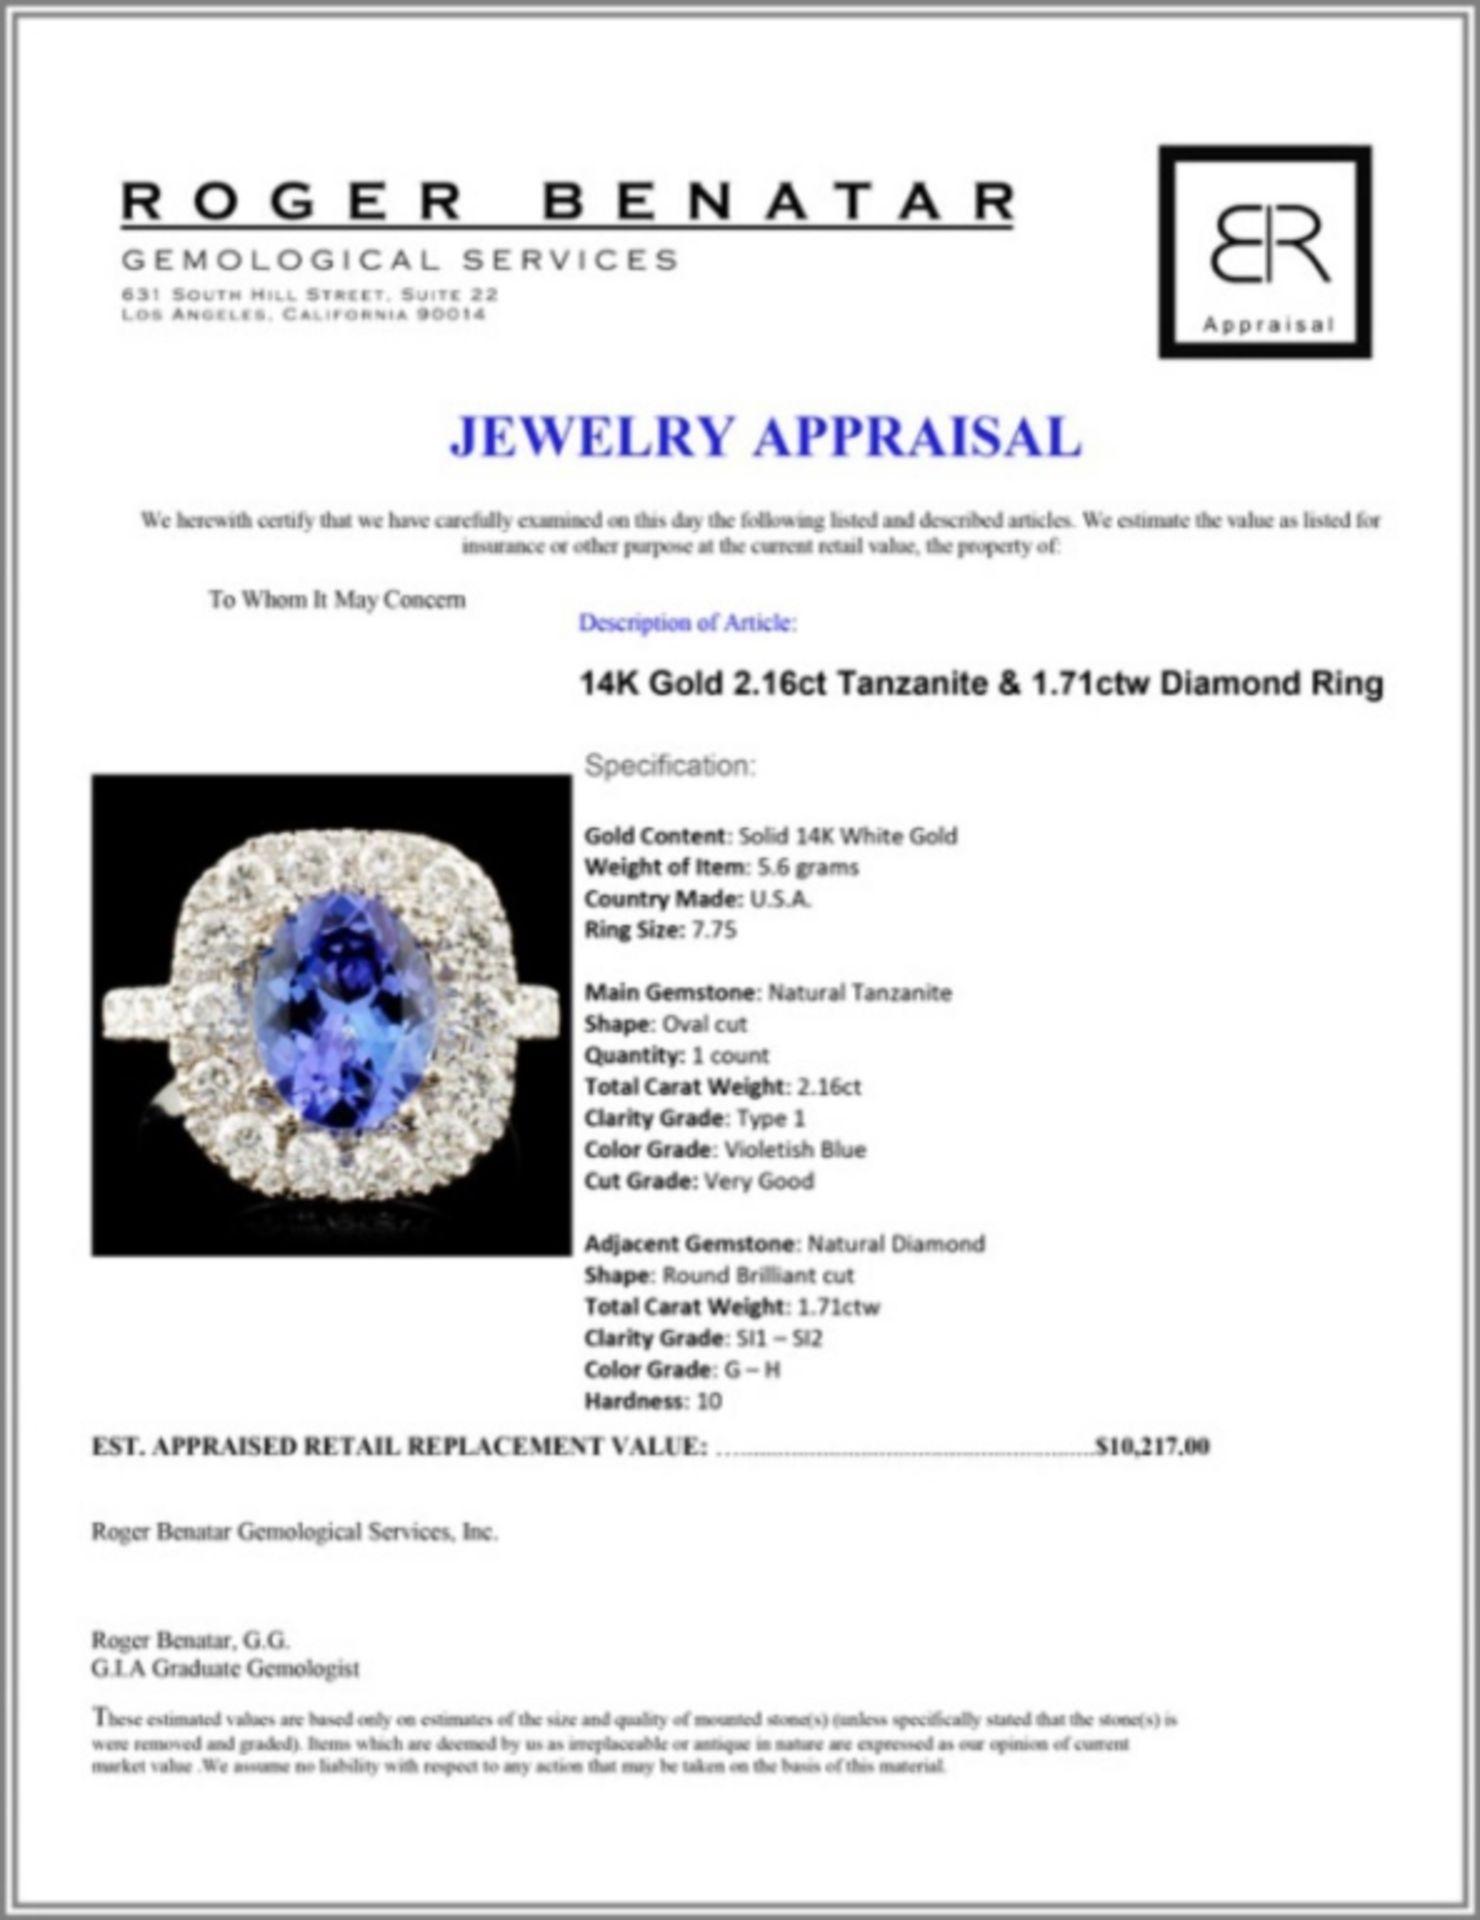 14K Gold 2.16ct Tanzanite & 1.71ctw Diamond Ring - Image 4 of 4